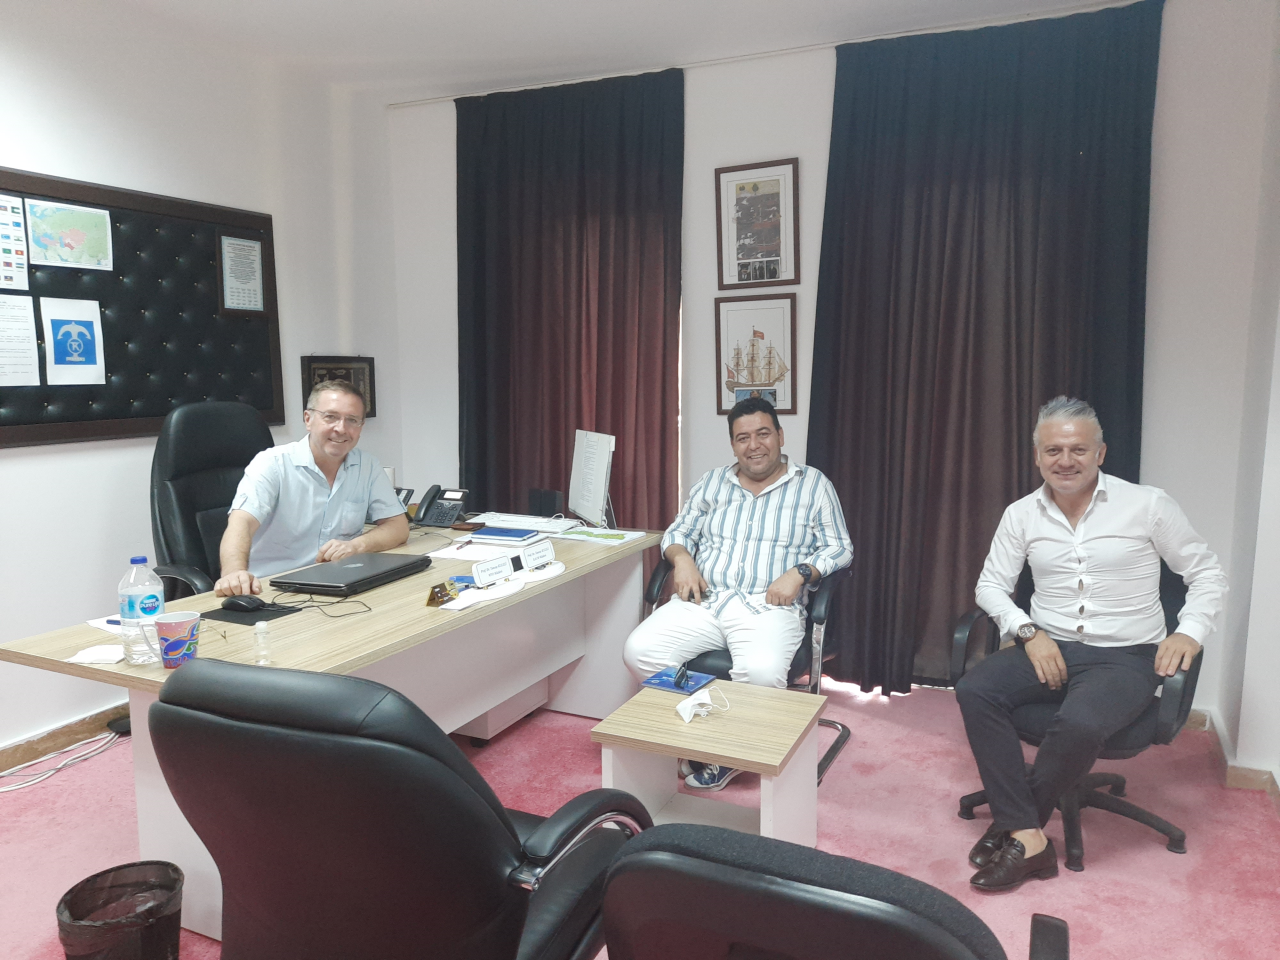 Bodrum AkParti İlçe Başkanı Sayın Osman Gökmen ve Bodrum MHP İlçe Başkanı Sayın Bahattin Kul, Okulumuzu ziyaret etmişlerdir.